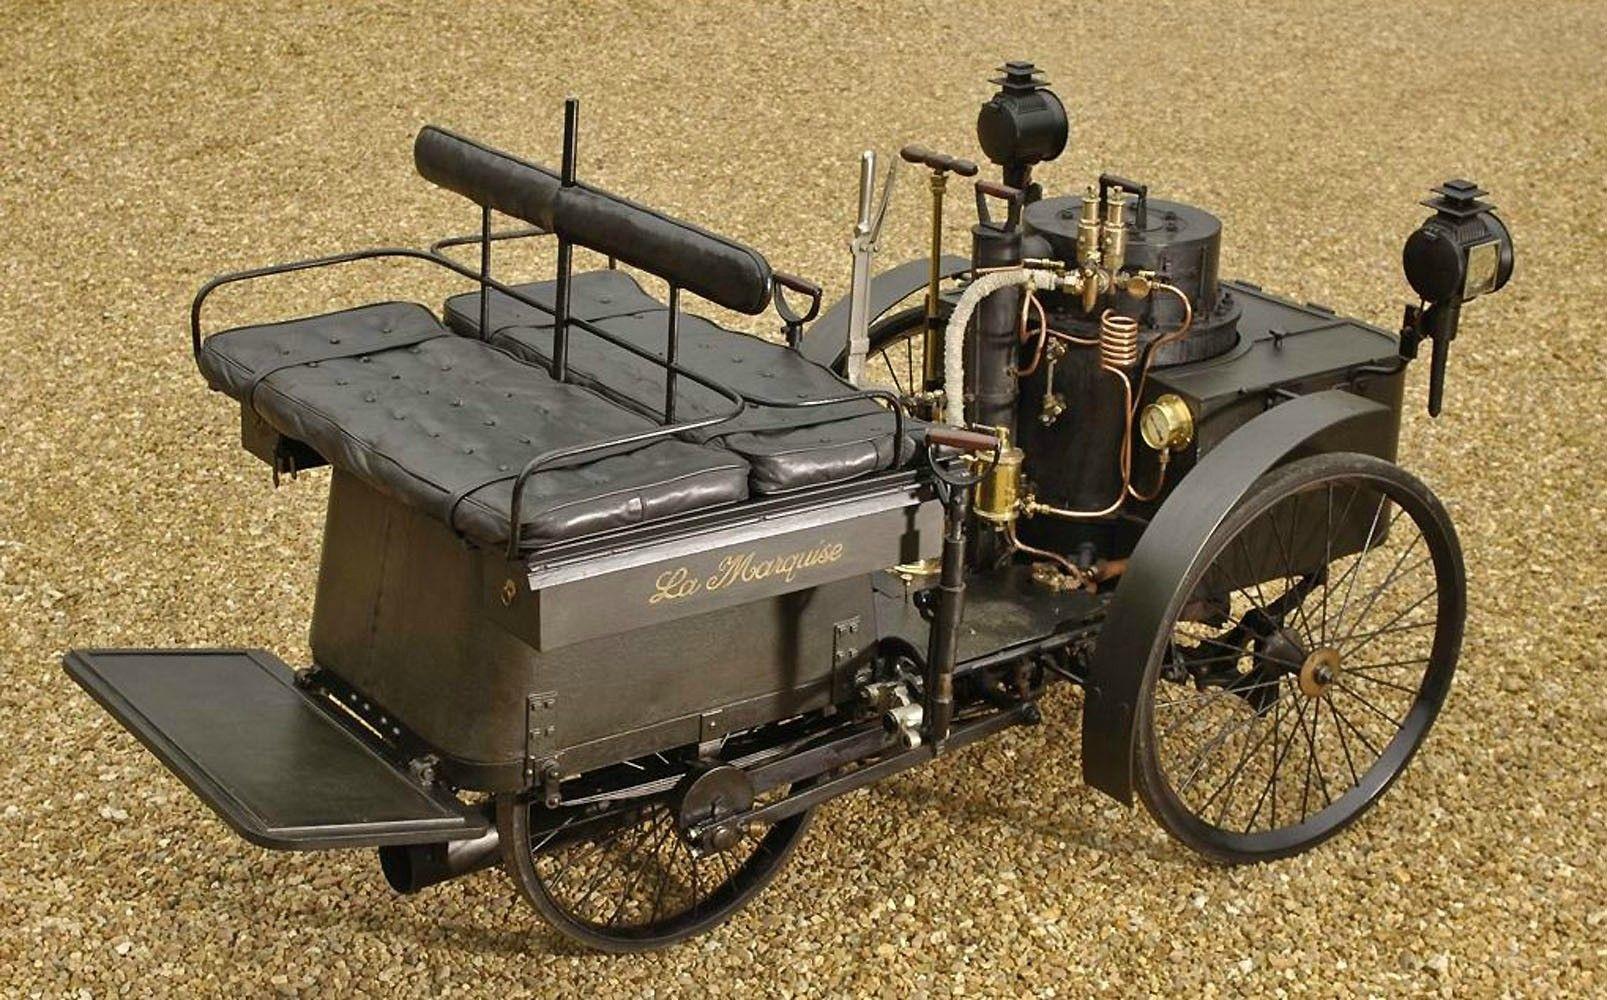 1884 De Dion, Bouton et Trepardou Dos-à-Dos is the oldest running ...